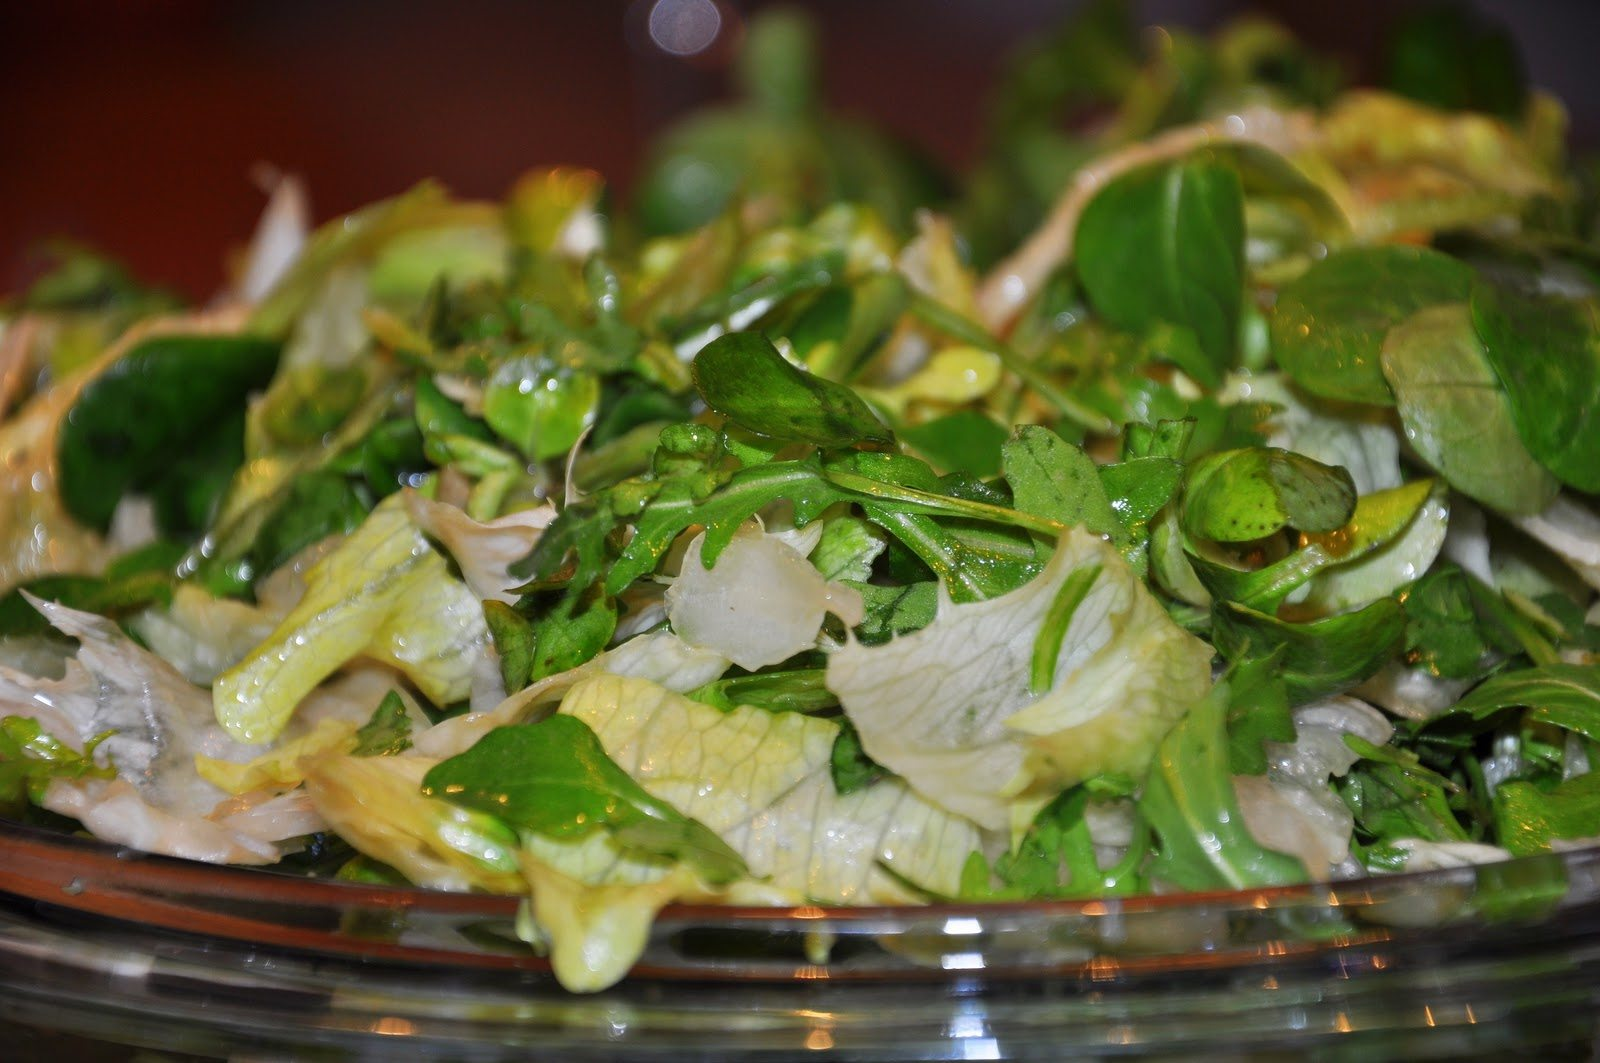 mesana-zelena-solata